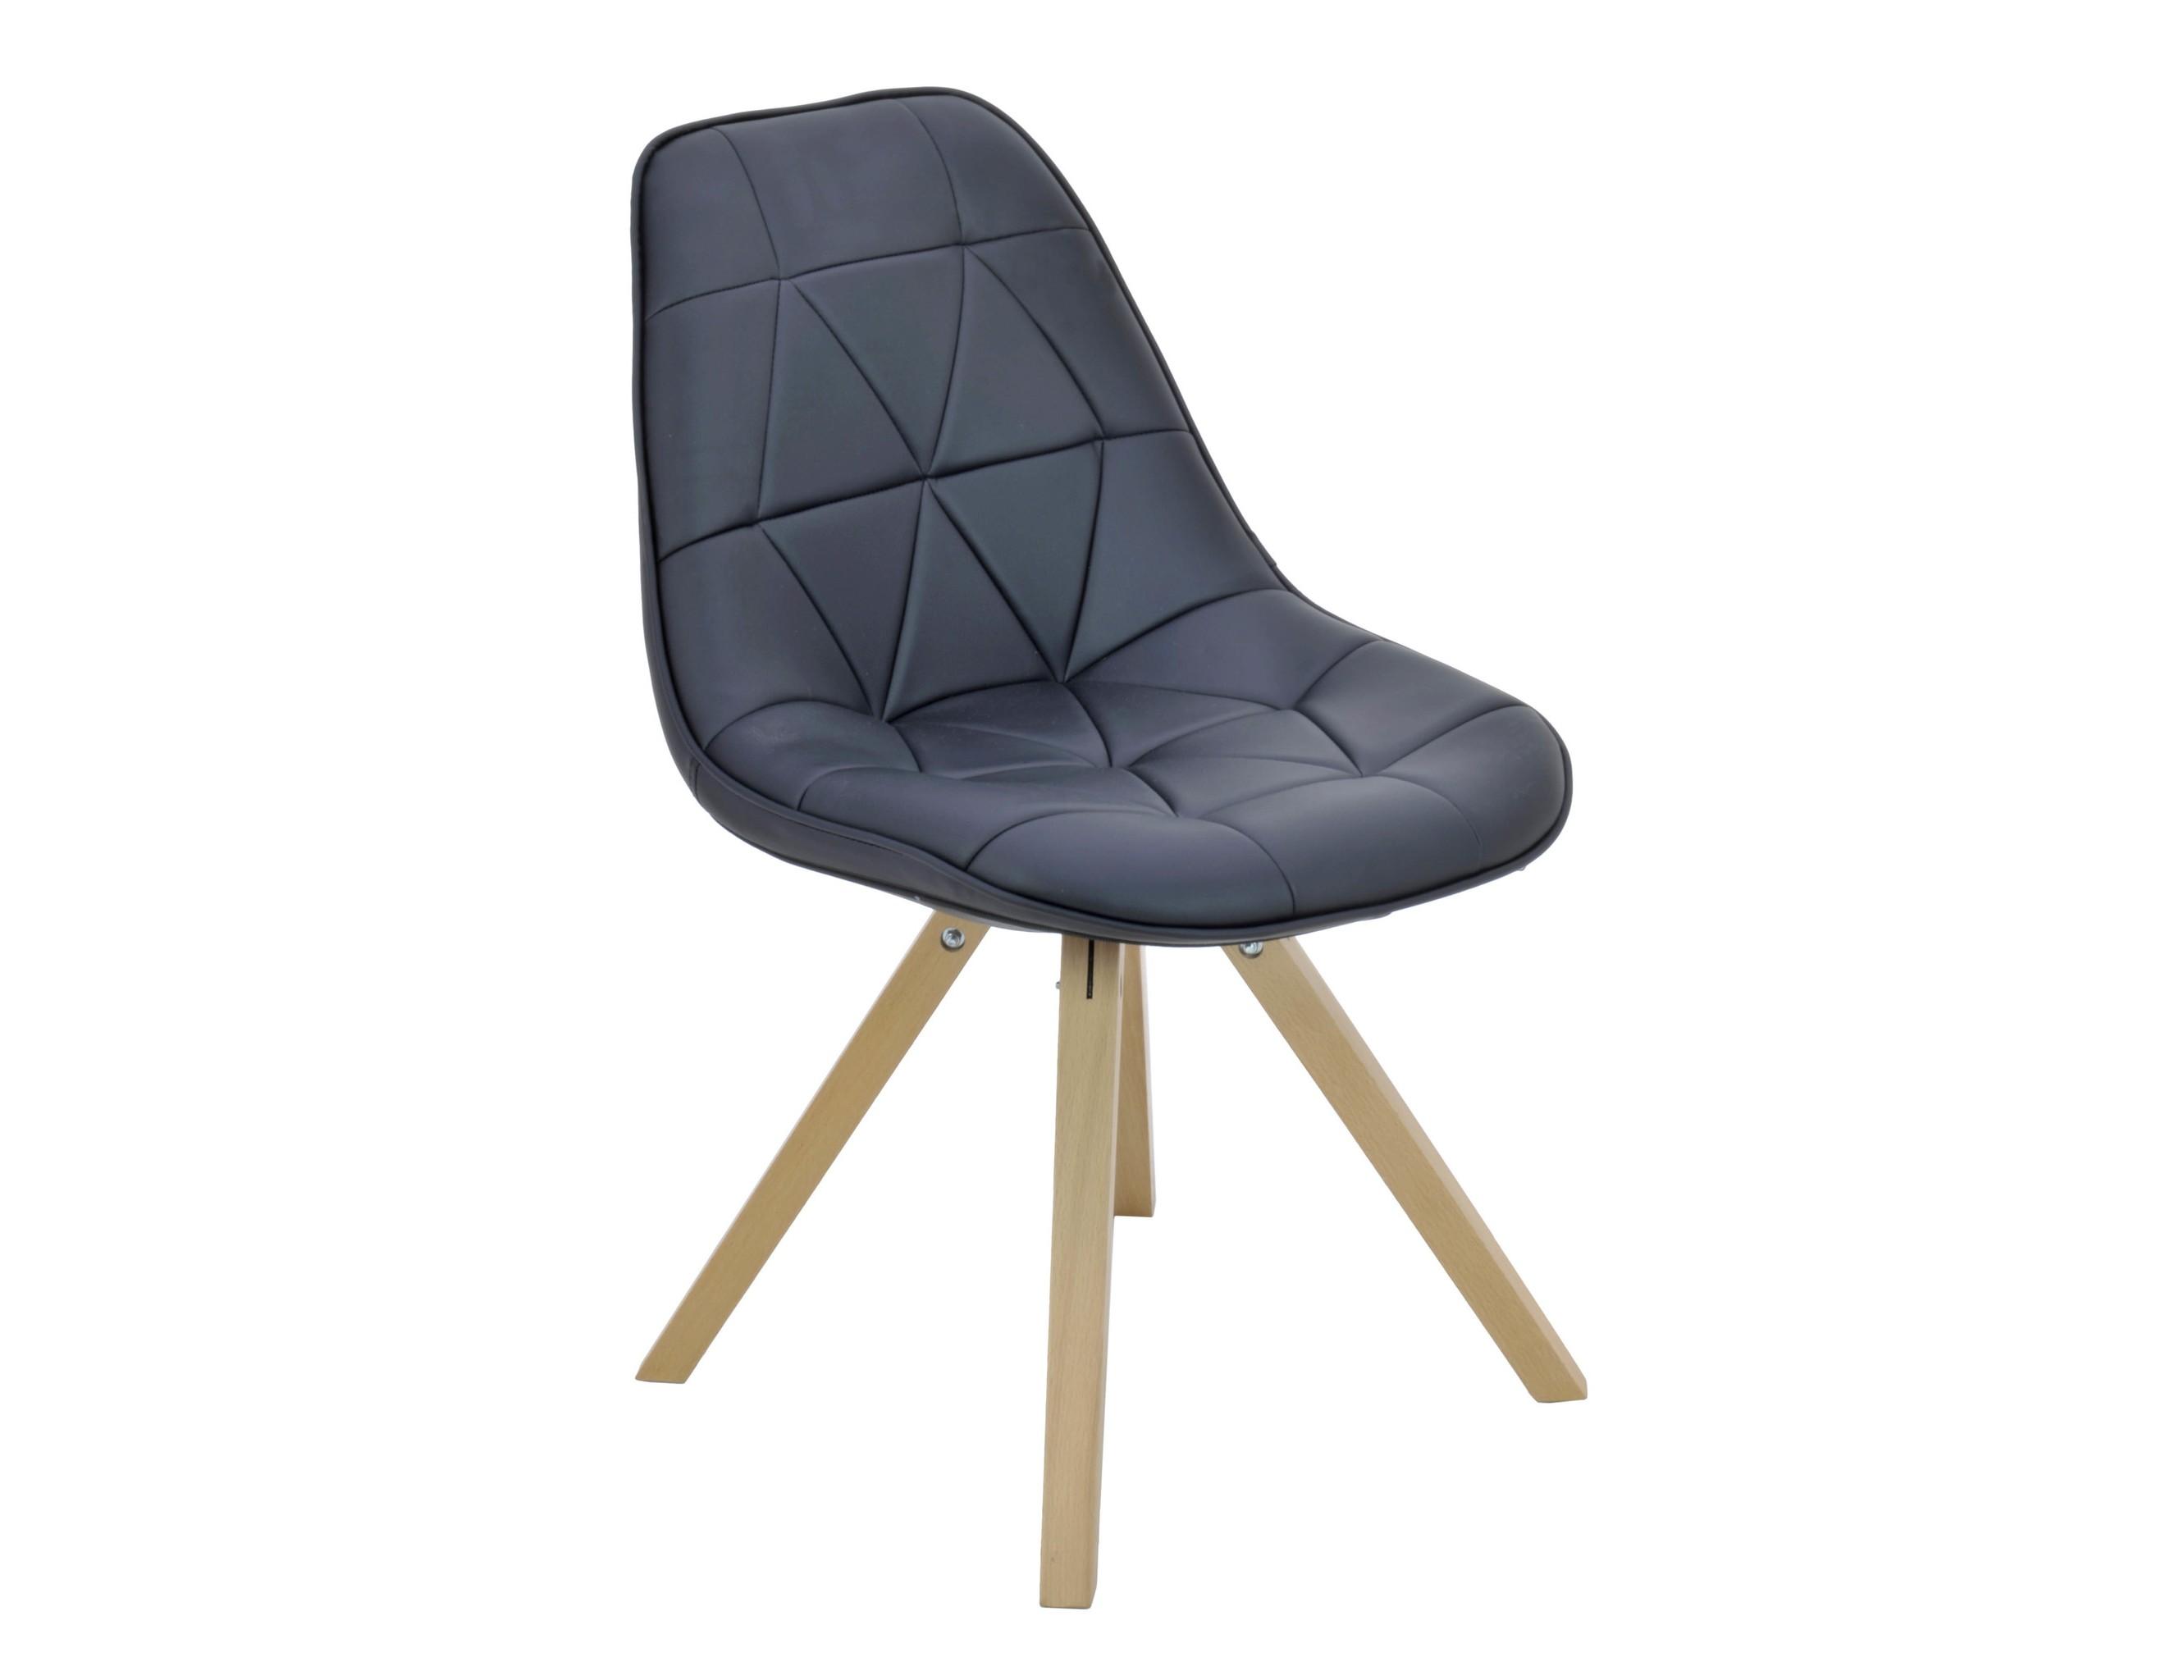 Стул MoudrigaОбеденные стулья<br>Материал: дерево, экокожа<br><br>Material: Экокожа<br>Width см: 52<br>Depth см: 41<br>Height см: 84